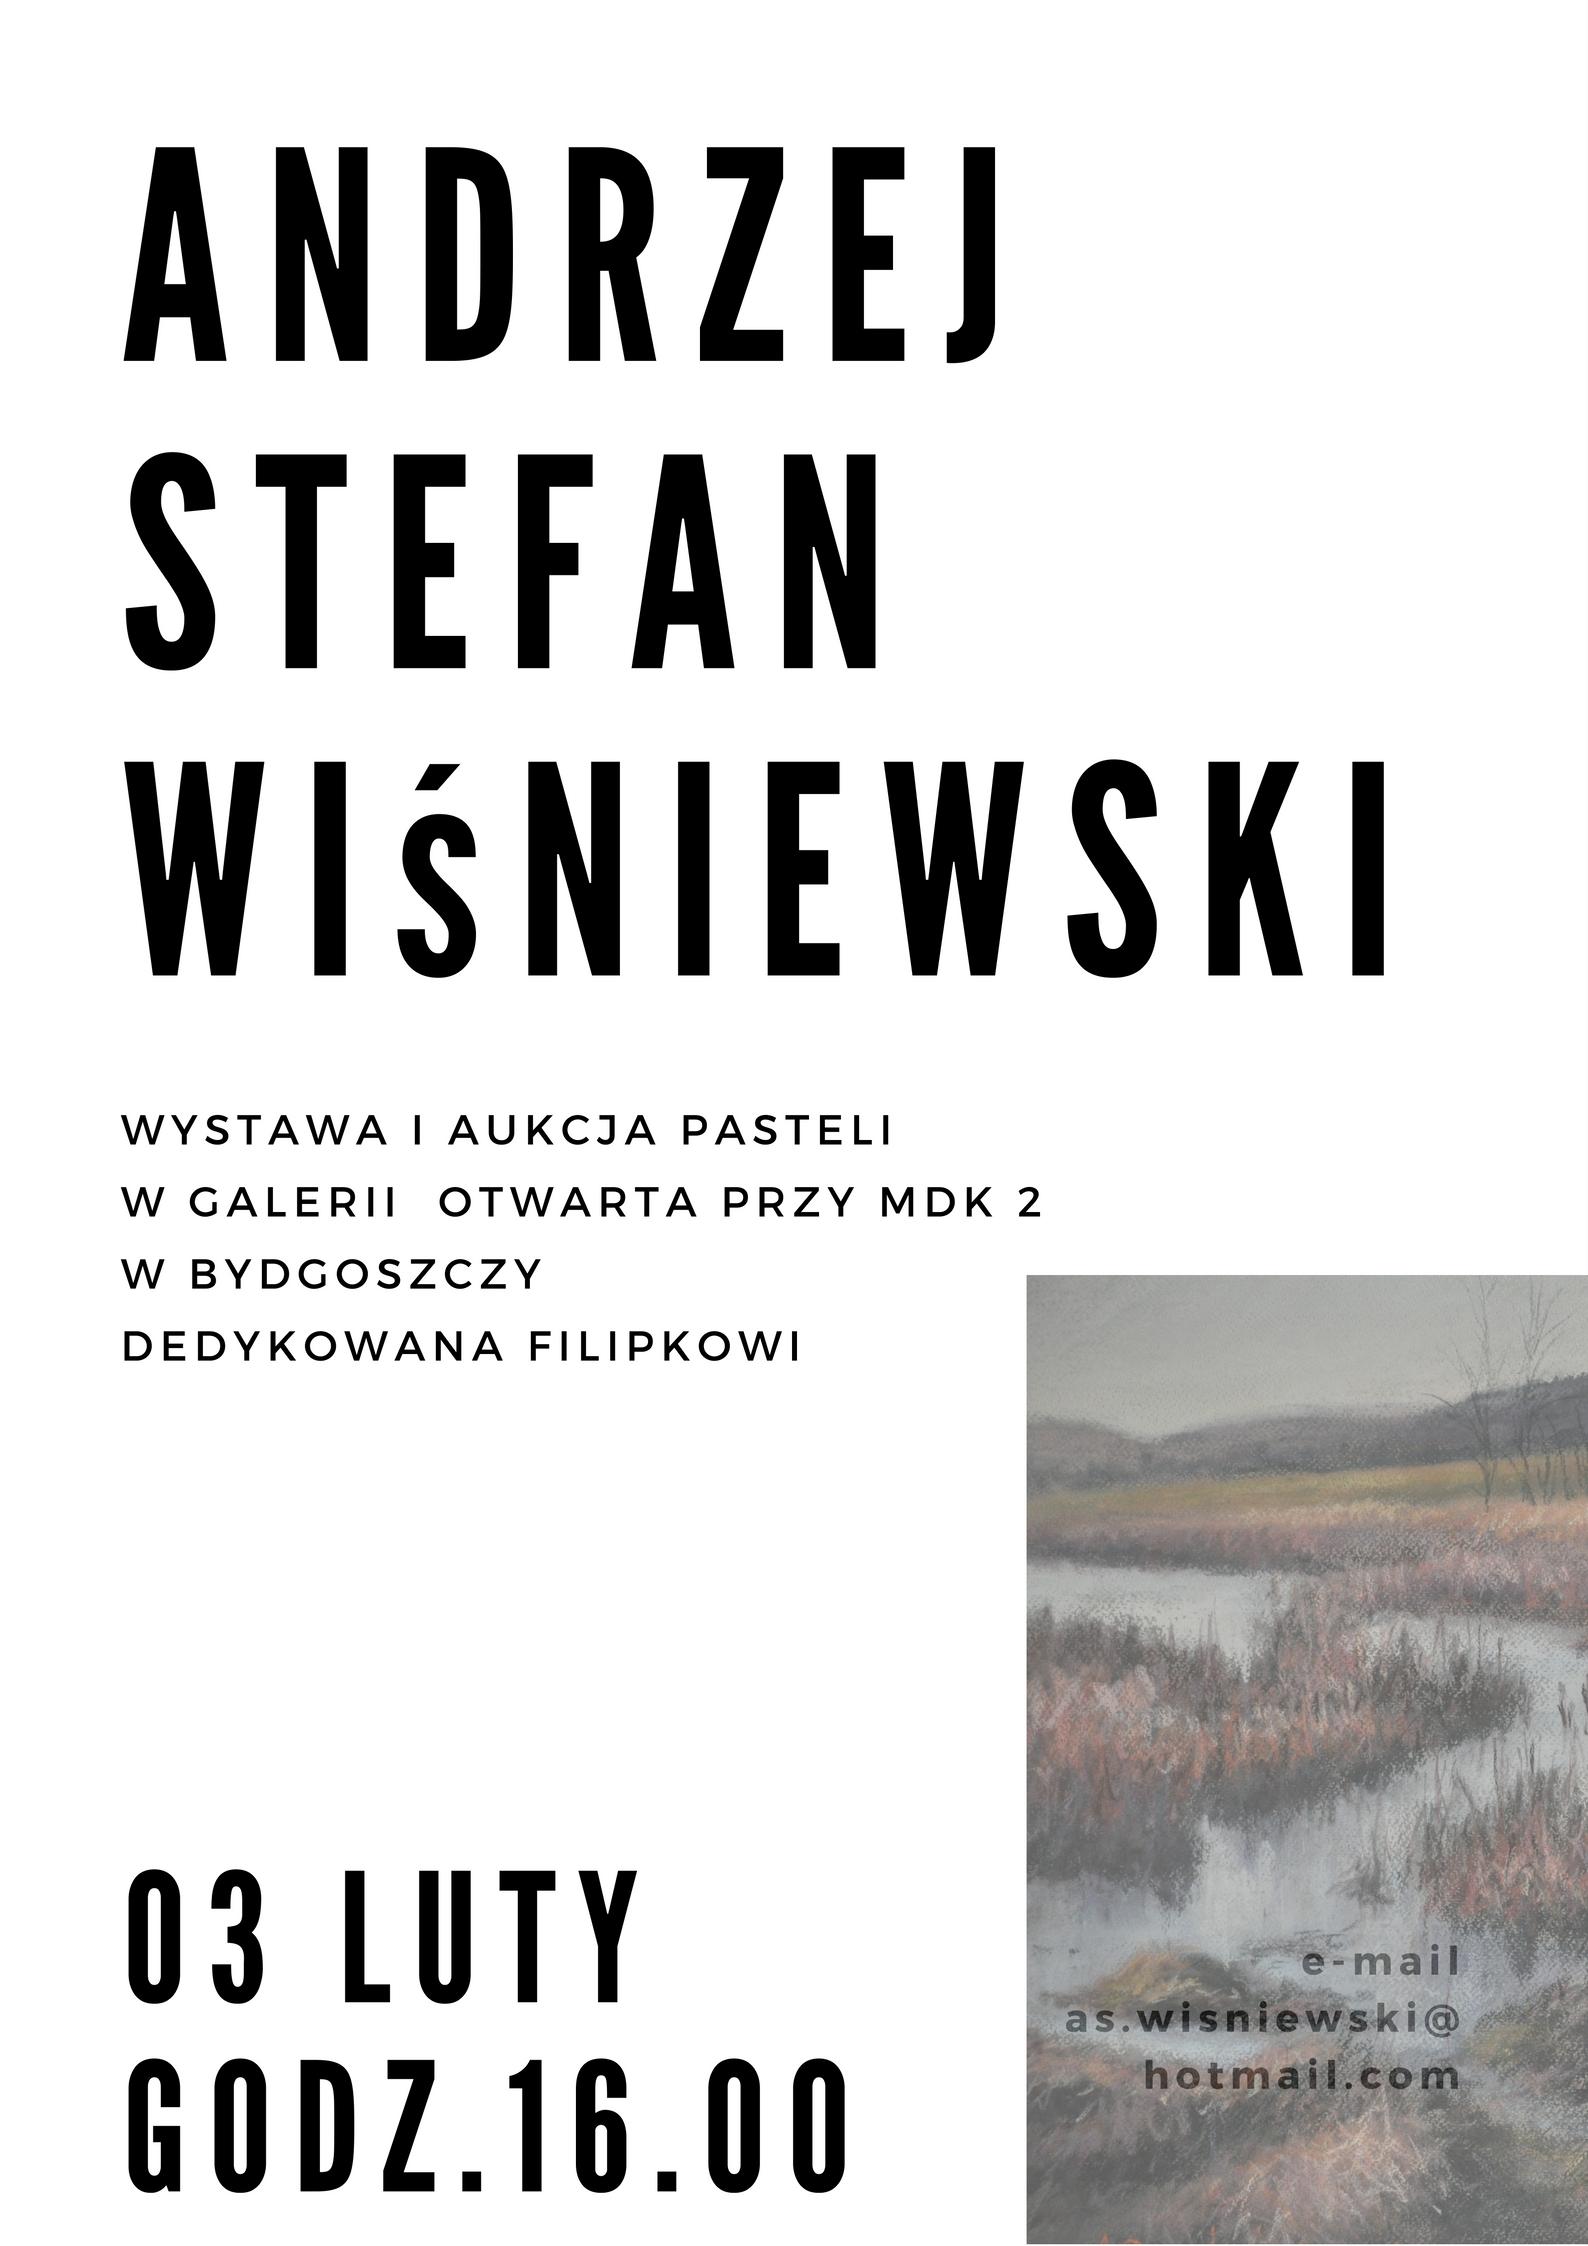 Plakat - Andrzej Stefan Wiśniewski wystawa pasteli